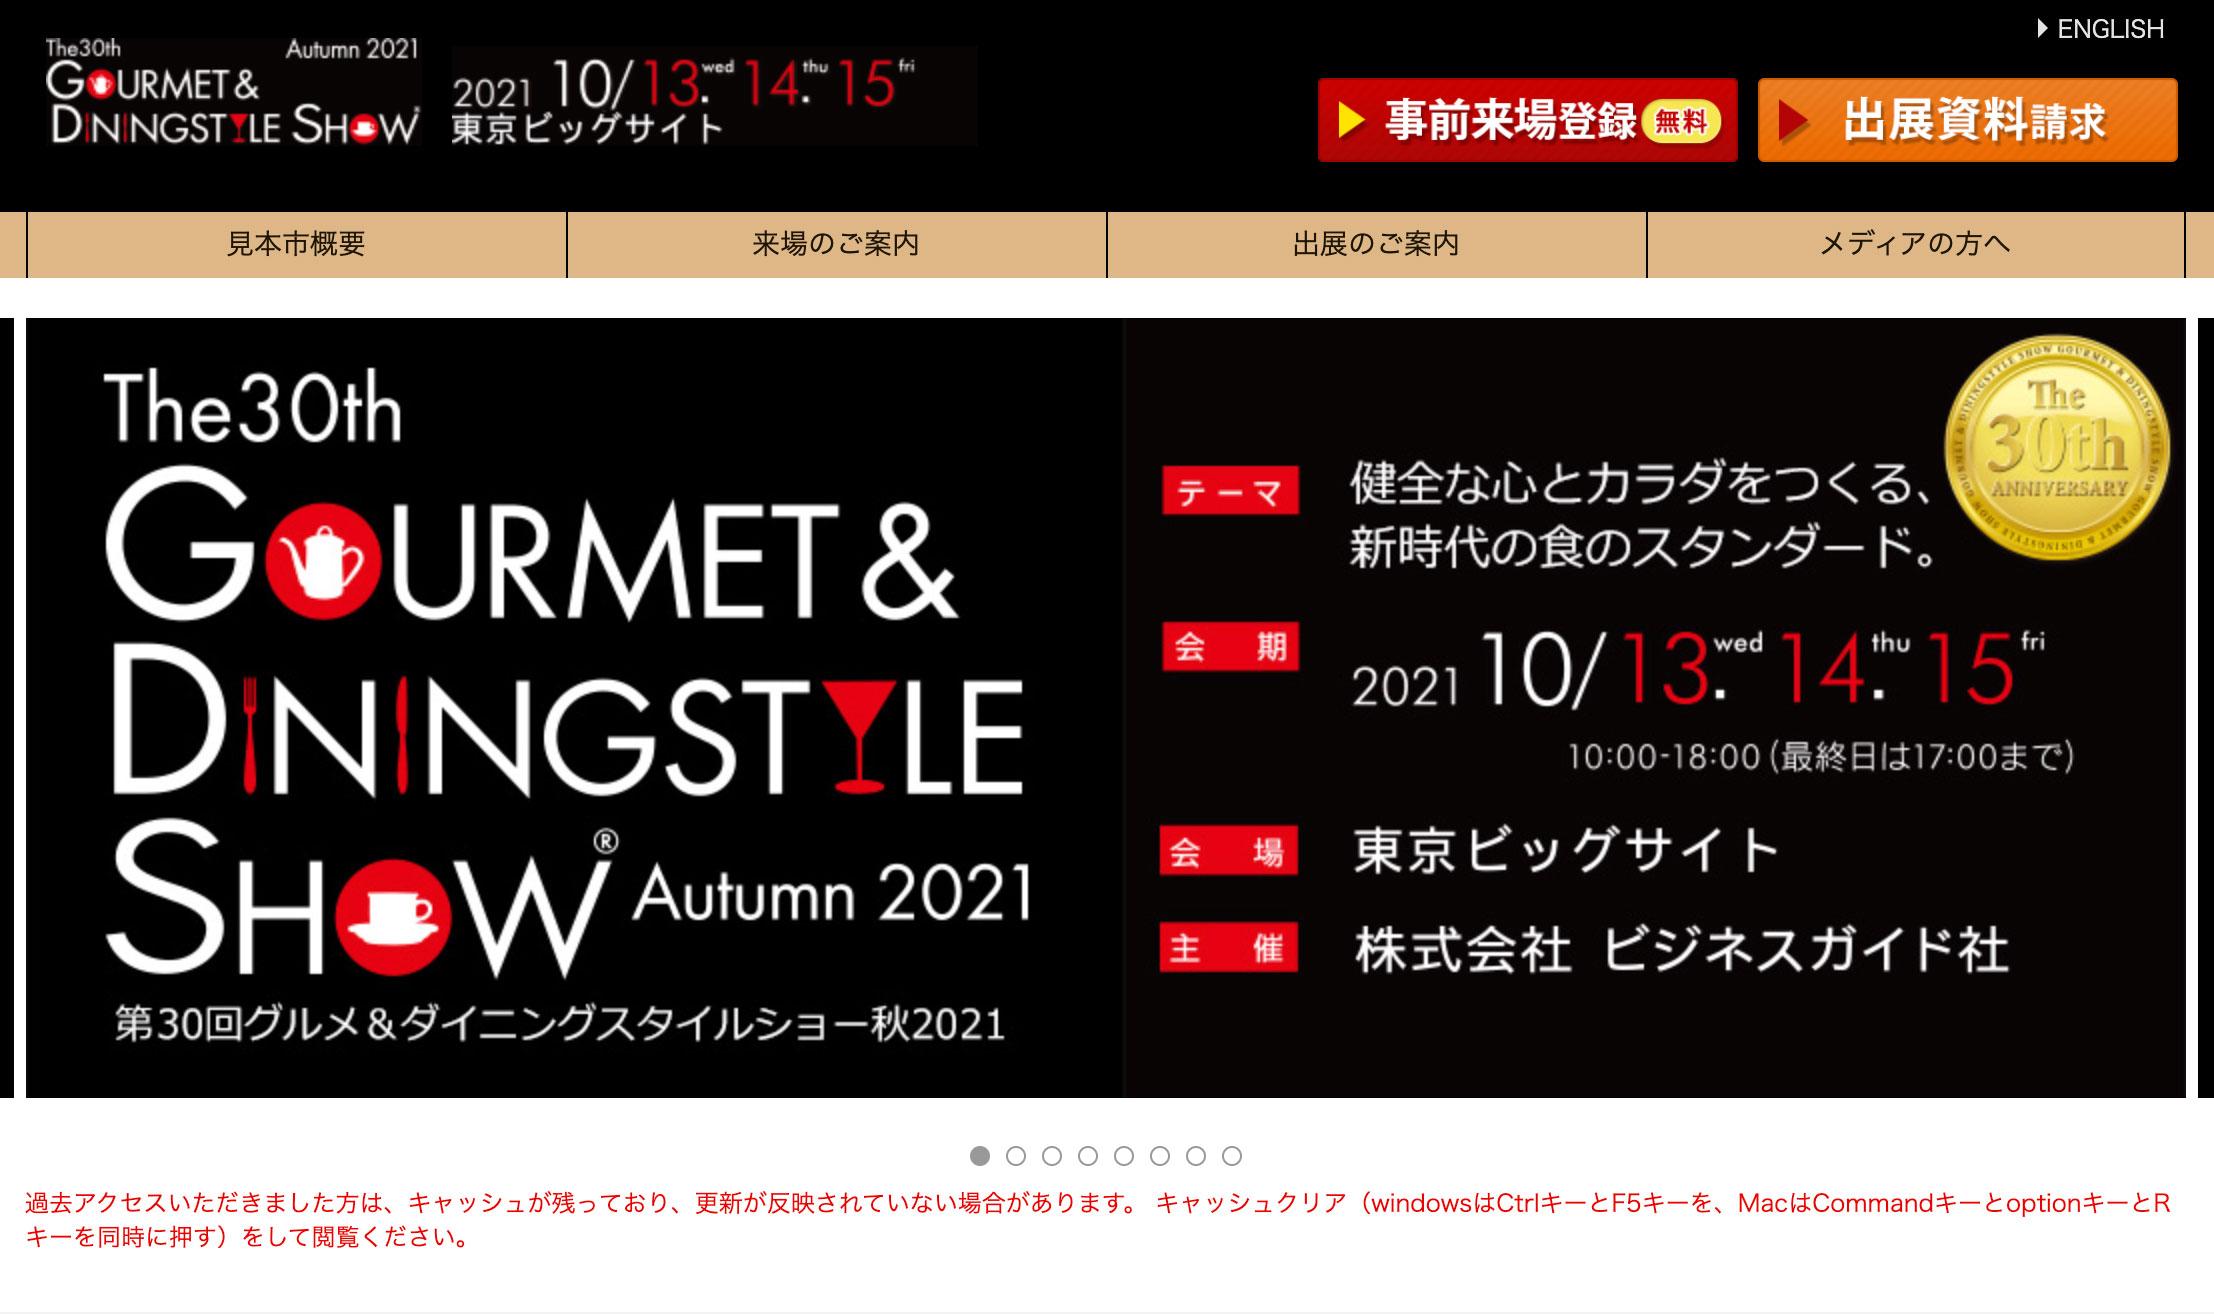 『グルメ&ダイニングスタイルショー』@東京ビッグサイトに出展いたします